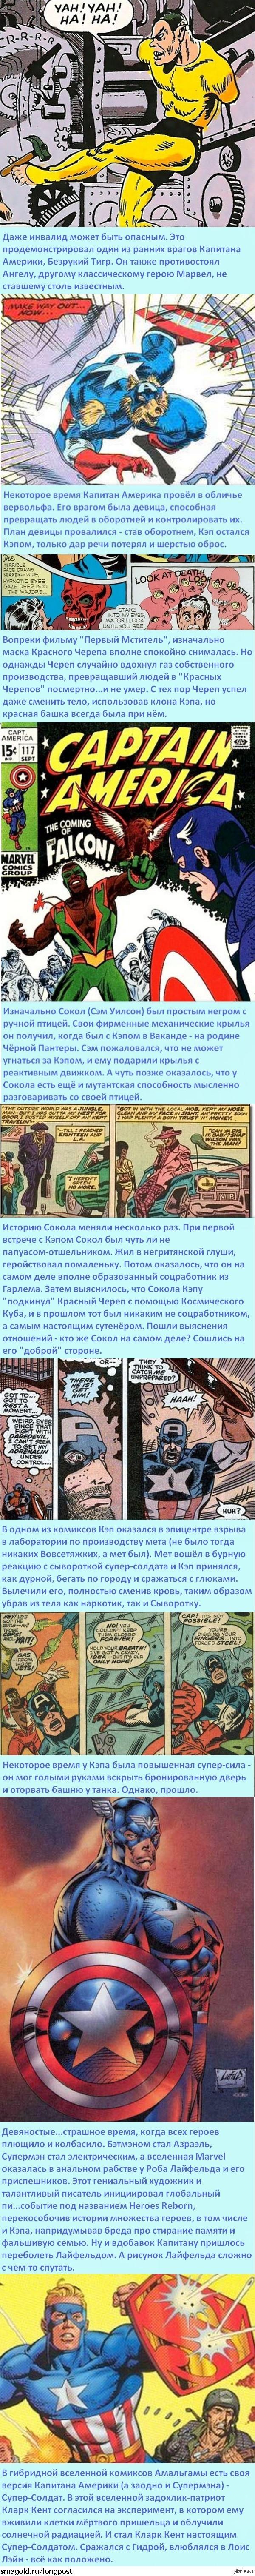 Факты о супергероях: Капитан Америка (часть 2) То, чего нет в фильмах. Боянометр бесится из-за одной-единственной картинки.